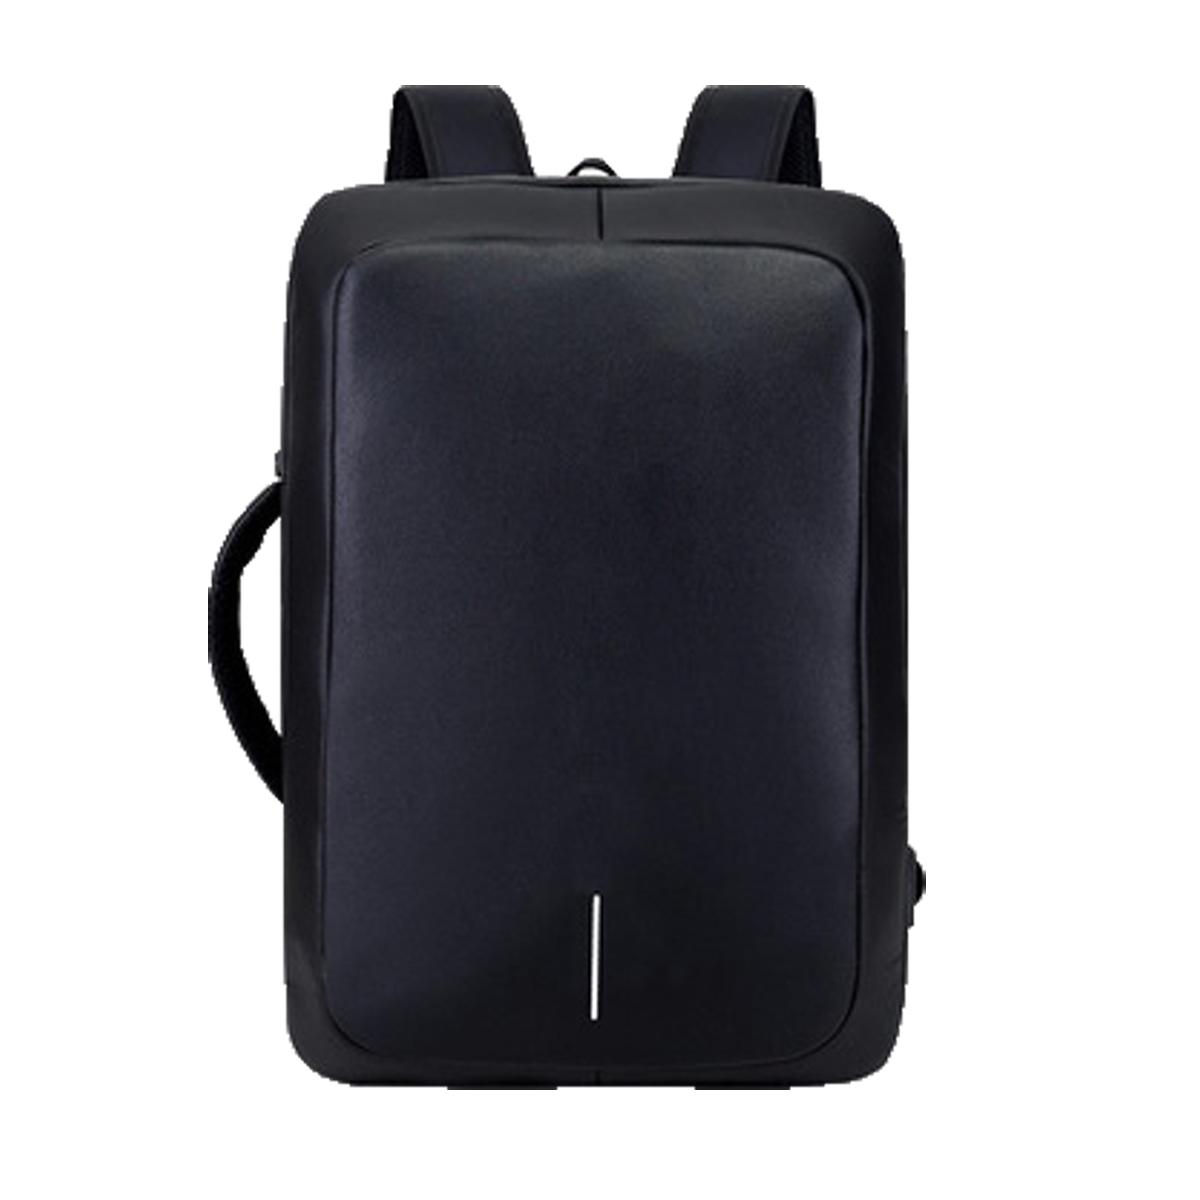 ~Picano~ 極簡PE硬殼USB充電防盜電腦包WB1215BK 黑色14.1吋